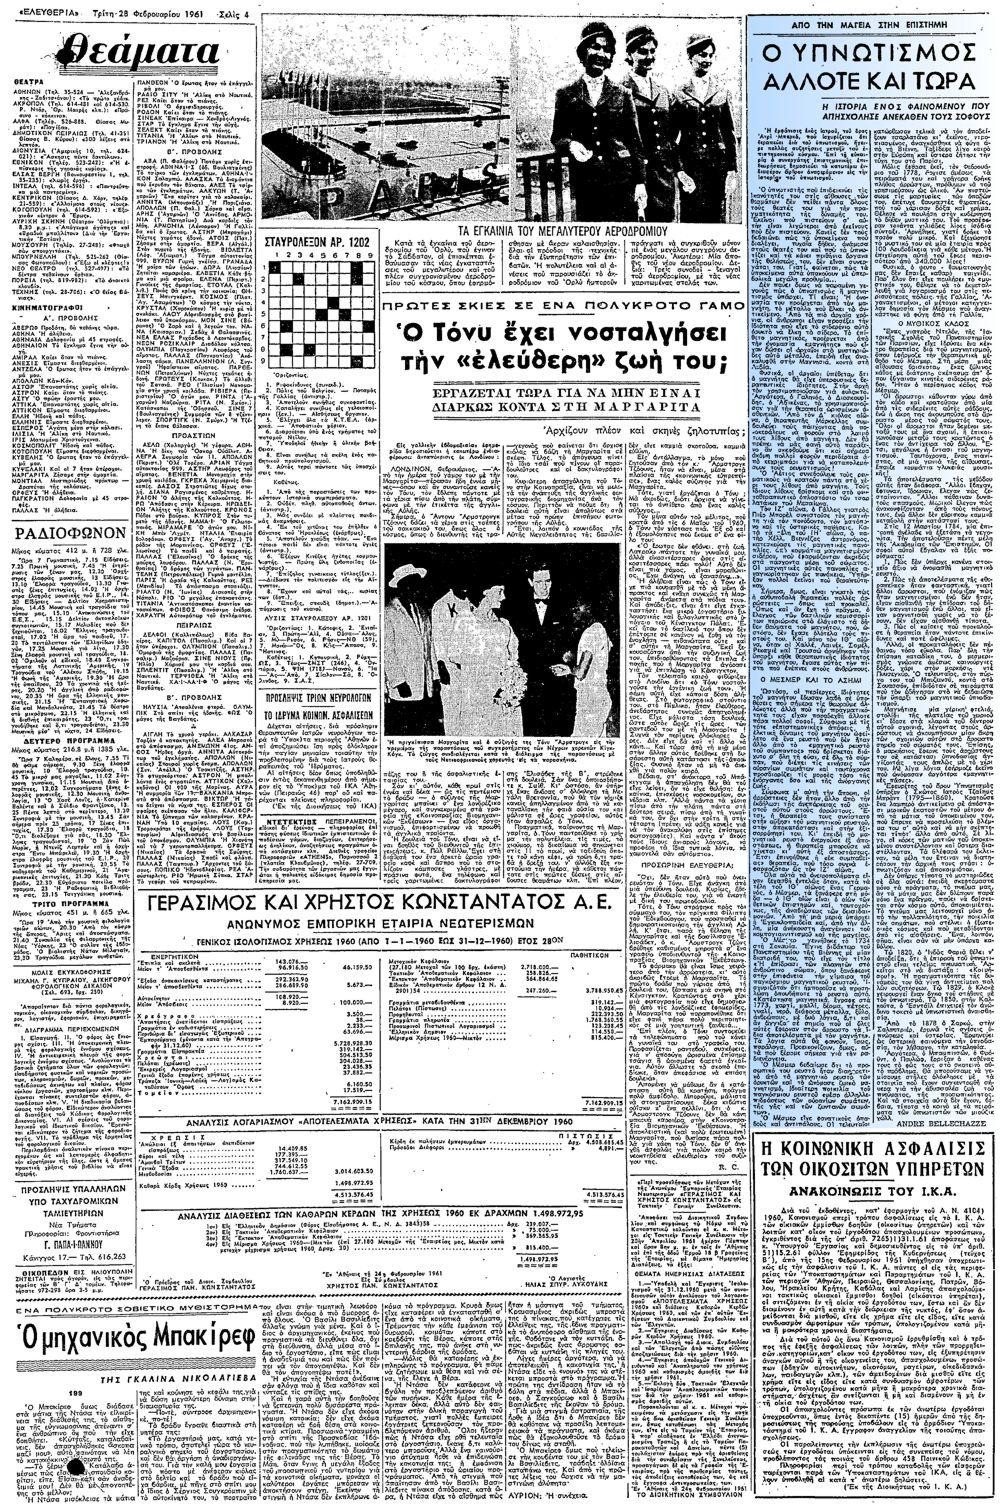 """Το άρθρο, όπως δημοσιεύθηκε στην εφημερίδα """"ΕΛΕΥΘΕΡΙΑ"""", στις 28/02/1961"""